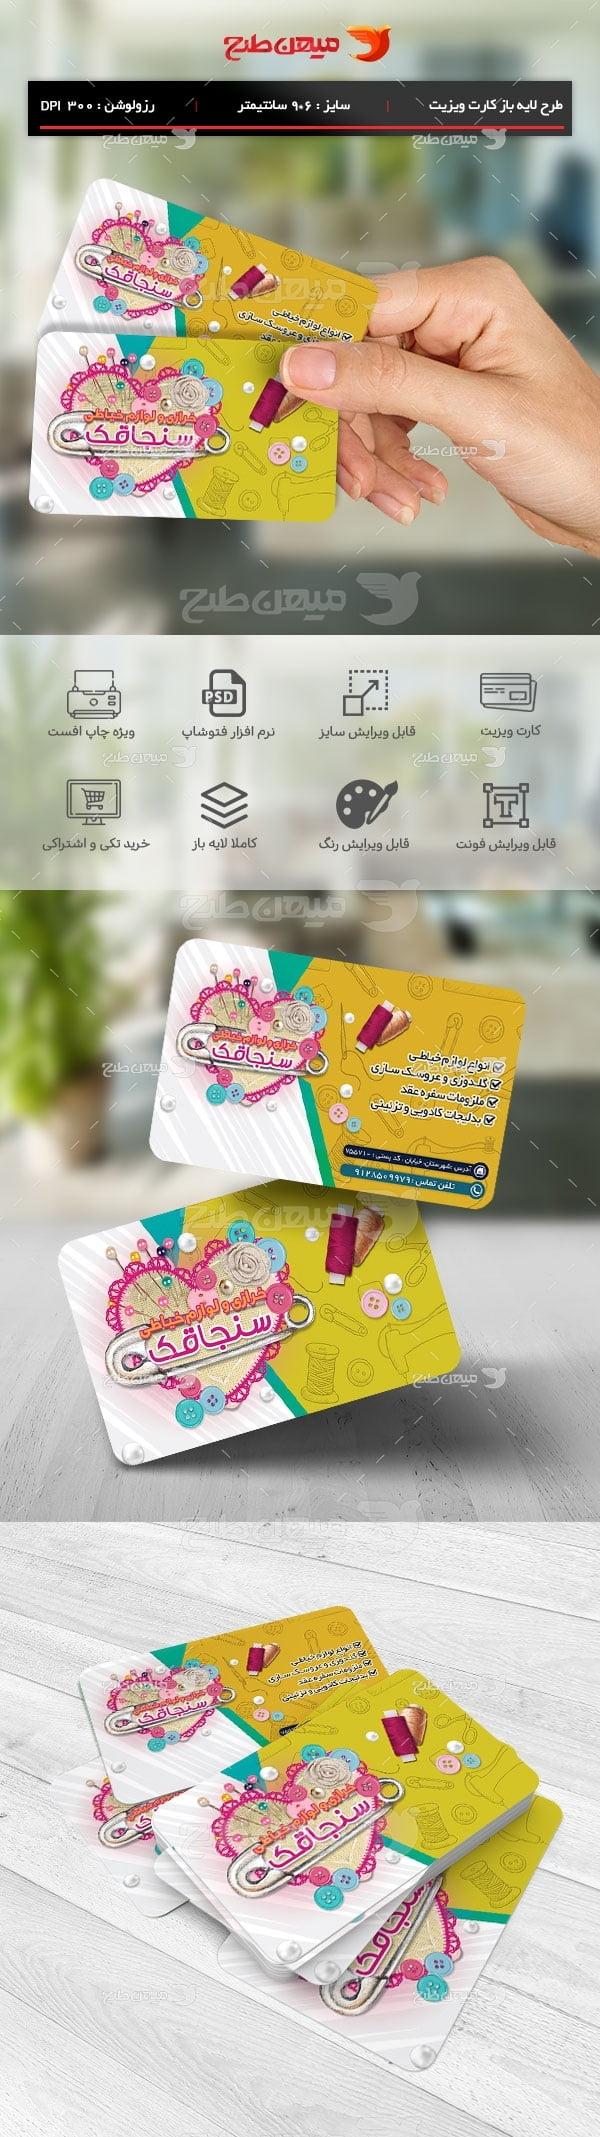 طرح لایه باز کارت ویزیت فروشگاه خرازی